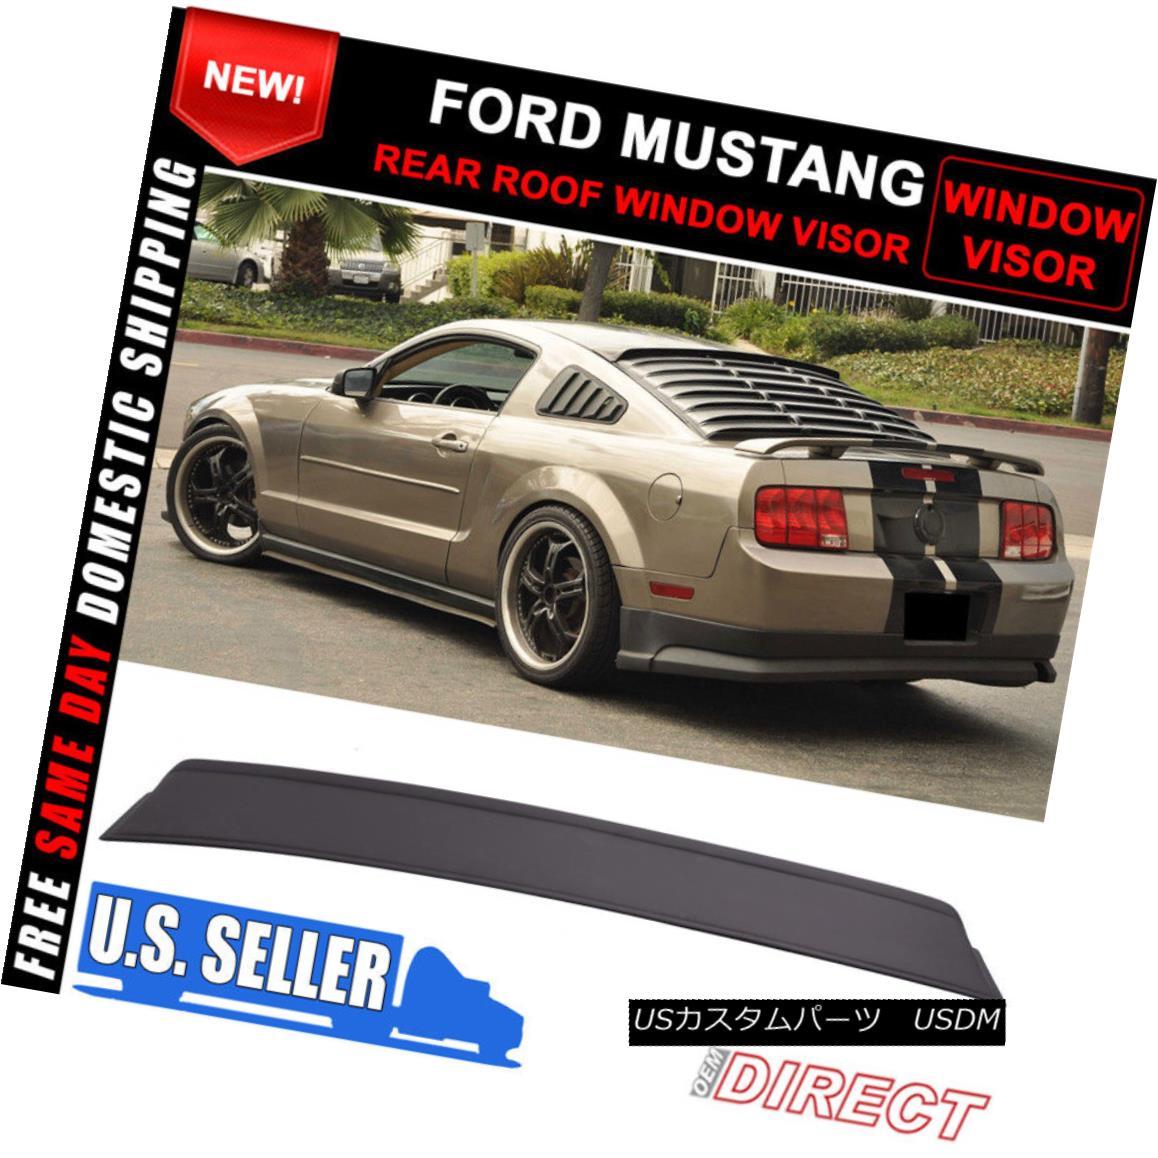 エアロパーツ Fit 05-14 Ford Mustang Rear Roof Window Visor Sun Rain Guards Vent Black フィート05-14フォードマスタングリアルーフウィンドウバイザーサンレインガードベントブラック